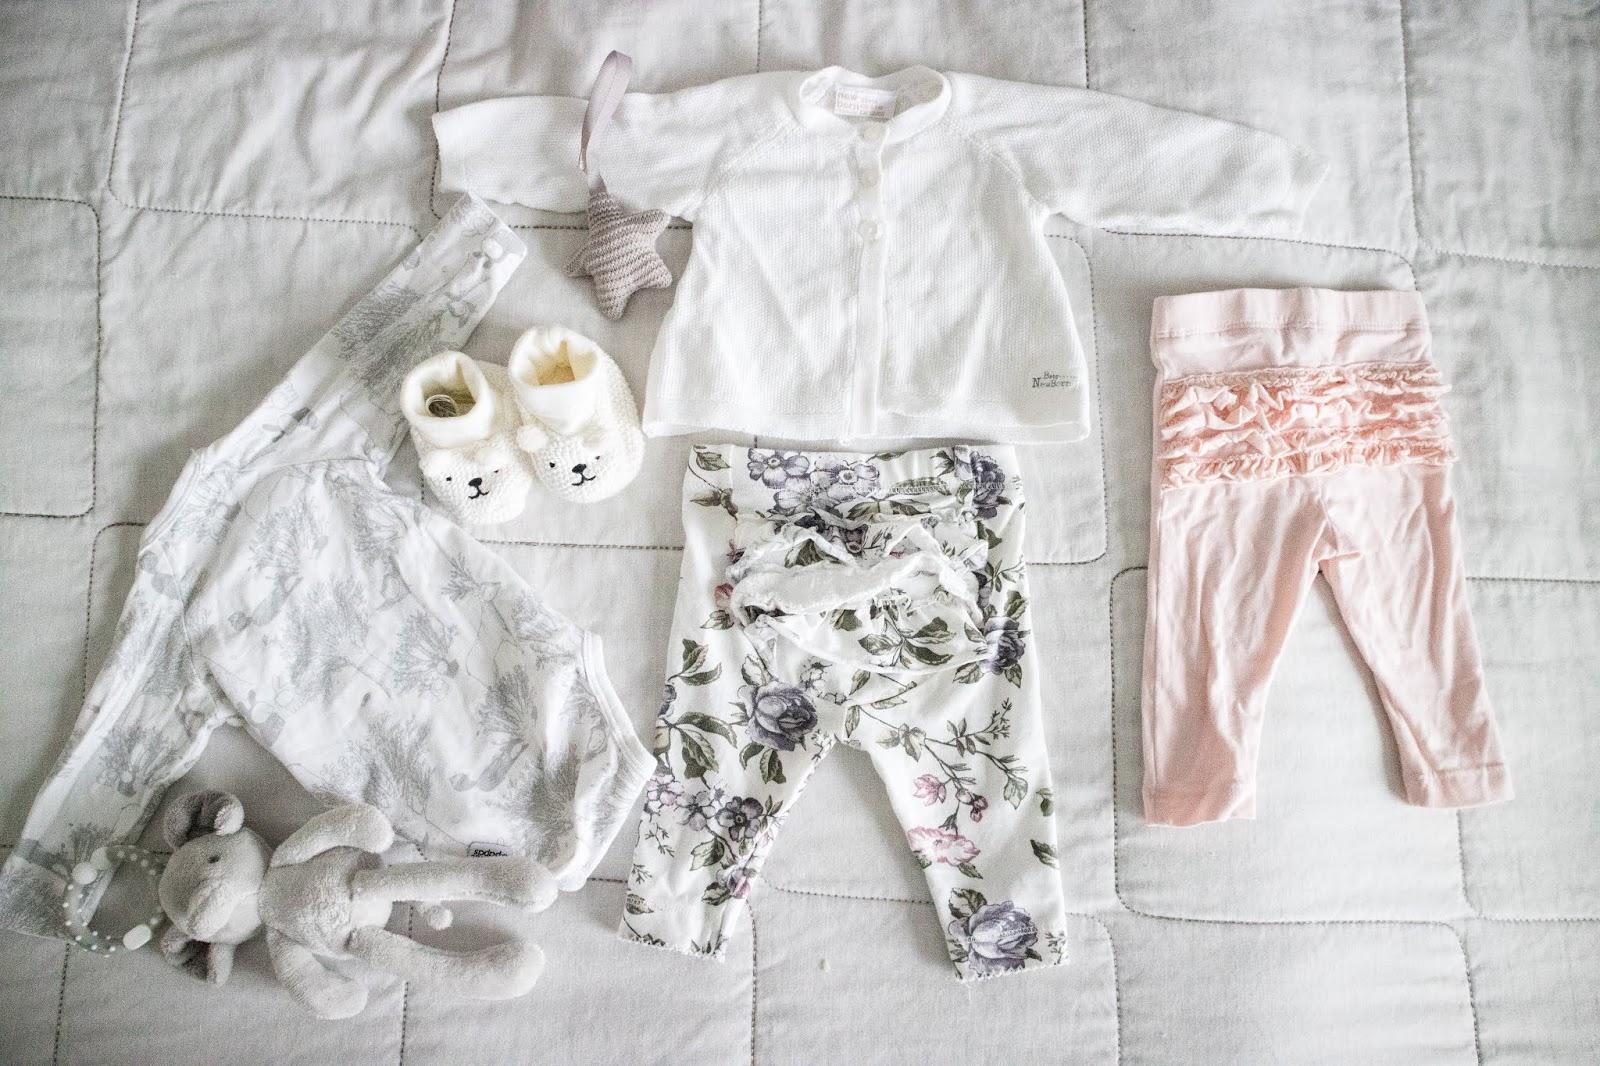 vauva, vauvavuosi, vauvanvaatteet, lastenvaatteet, nettikaupat,